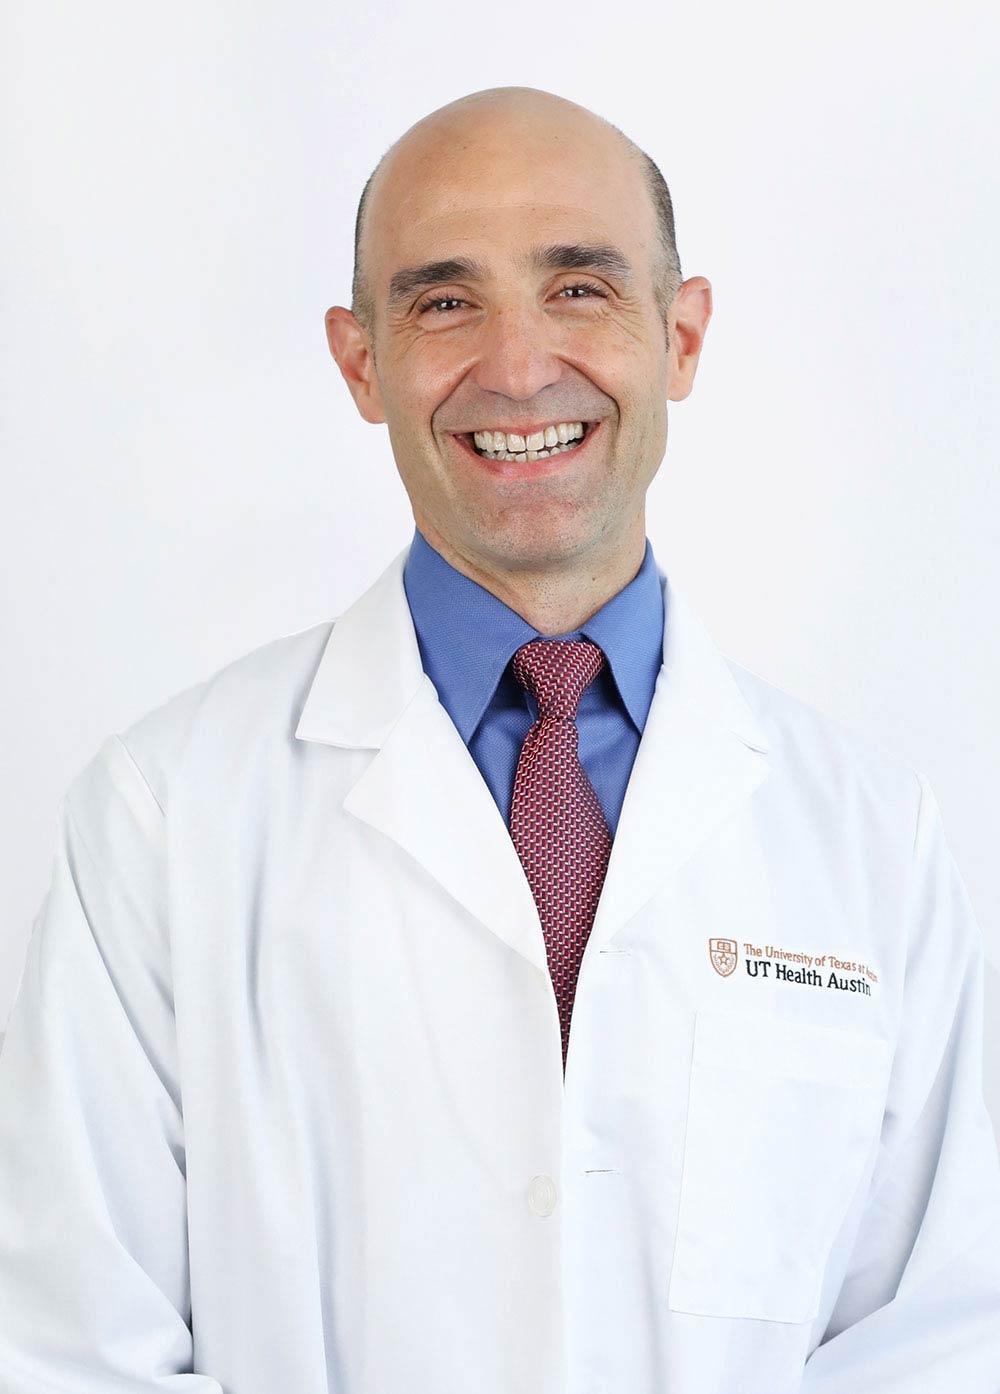 Headshot of Mark Queralt